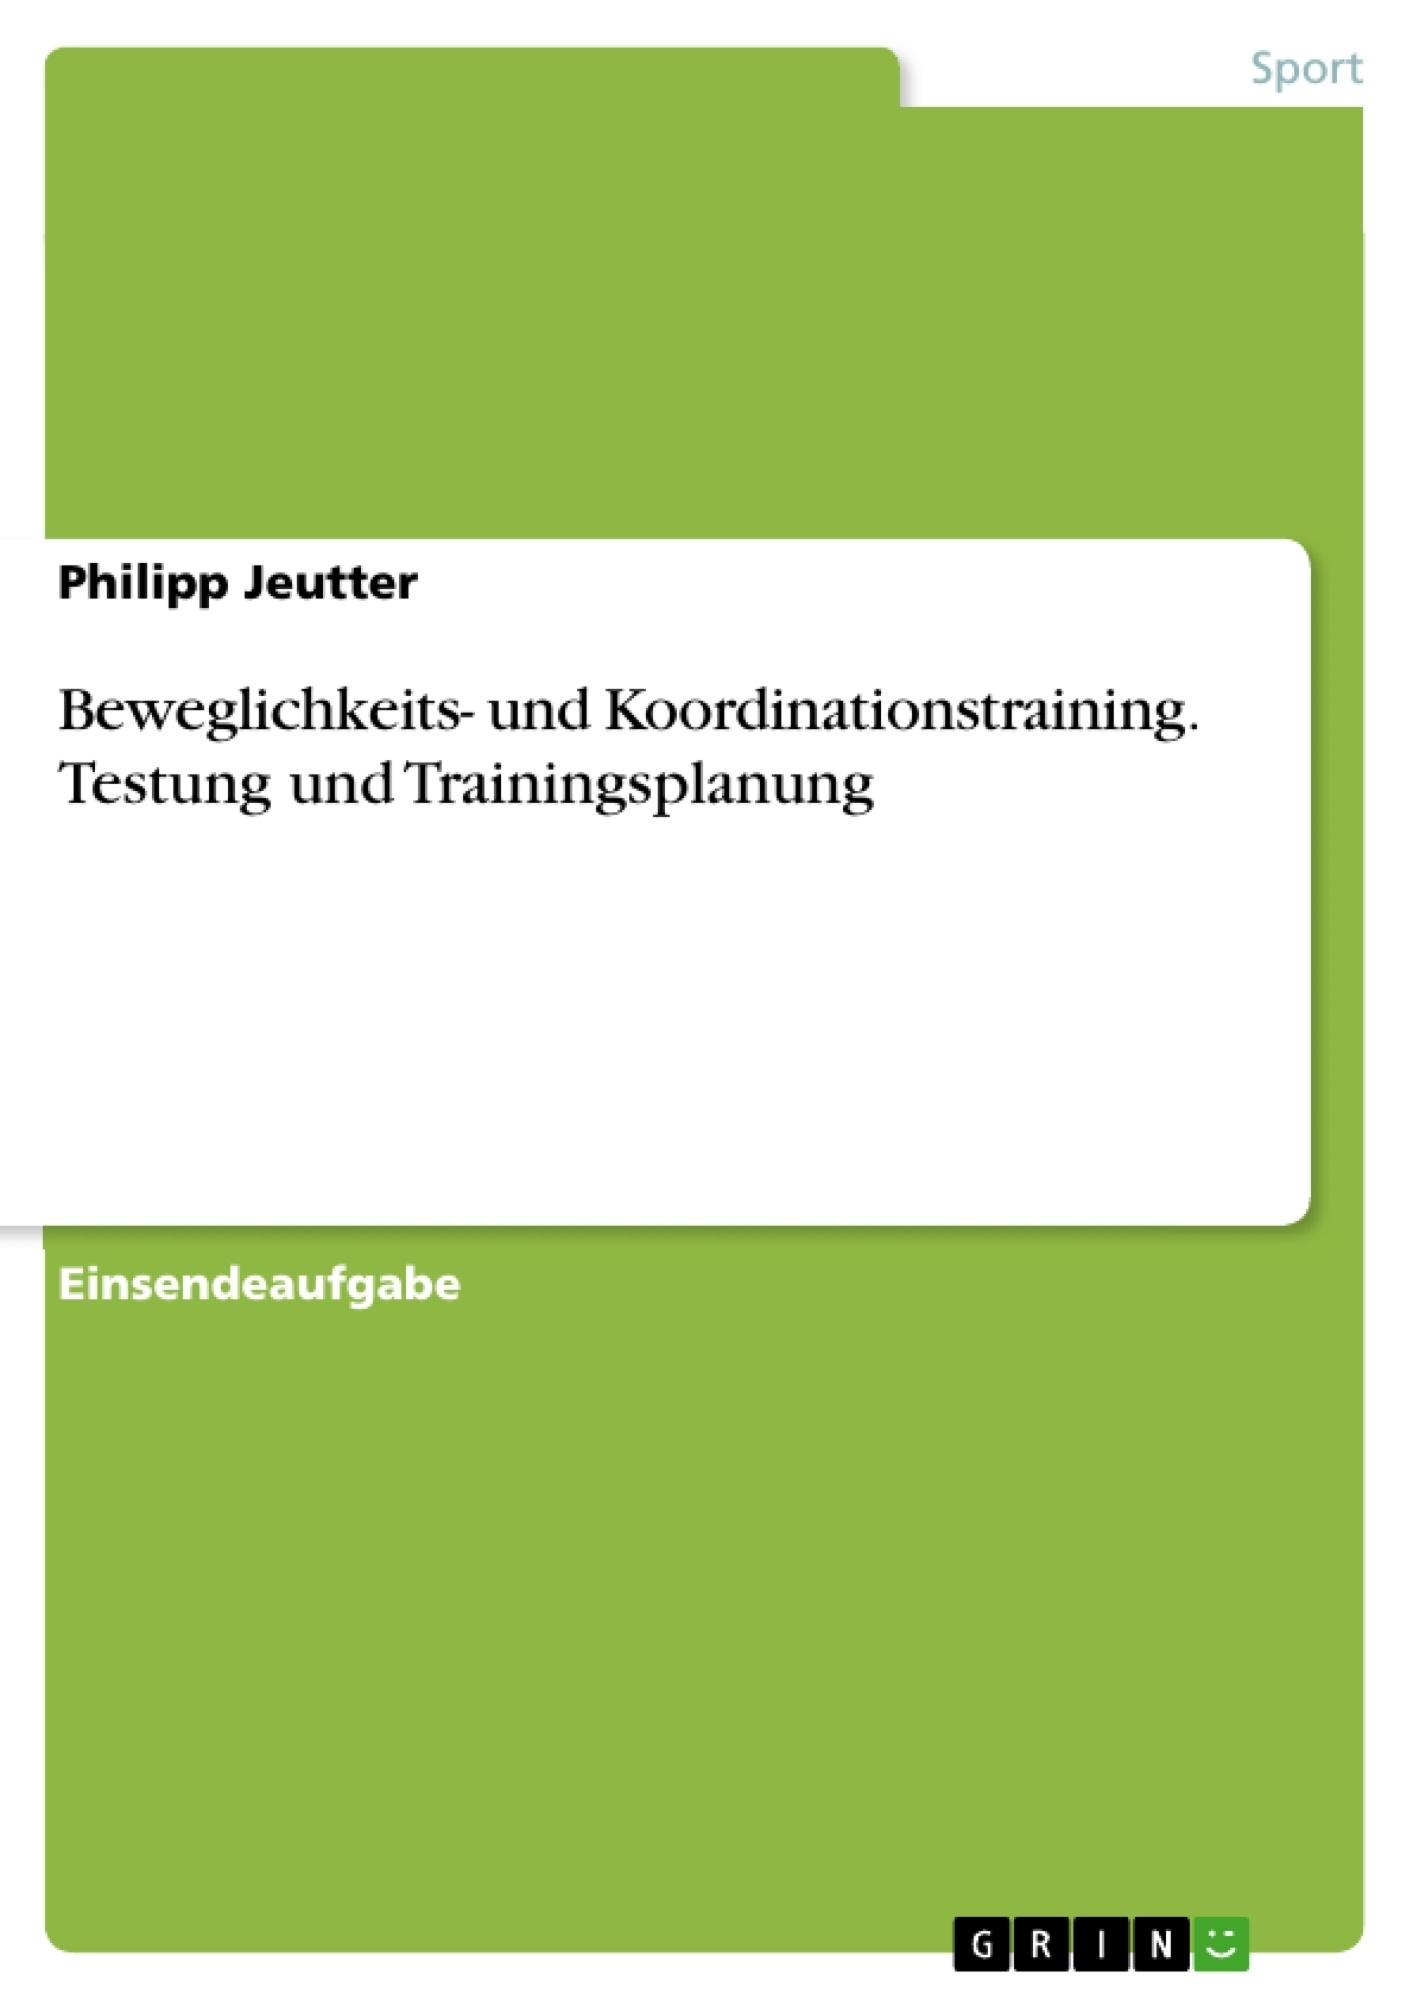 Titel: Beweglichkeits- und Koordinationstraining. Testung und Trainingsplanung